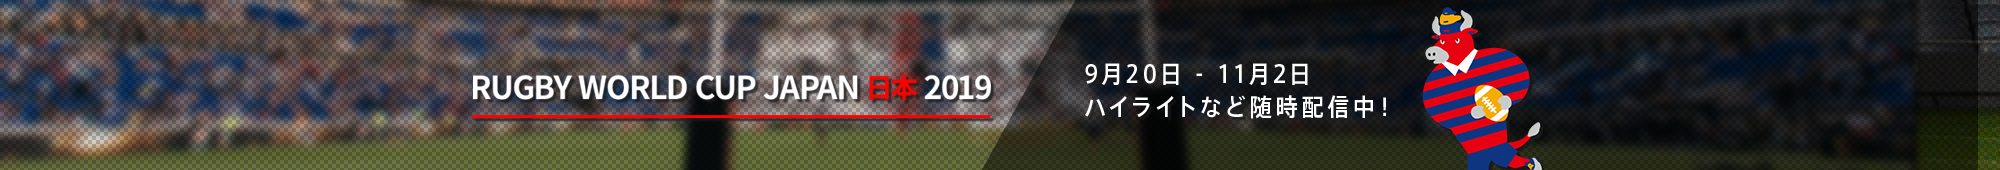 悲願のラグビーワールドカップ初出場へ向け、来年6月から始まるアフリカ最終予選を控えるケニア代表だが、同国ラグビー協会は12月4日、5年間指揮を執ってきた南アフリカ人のジェローム・パ…